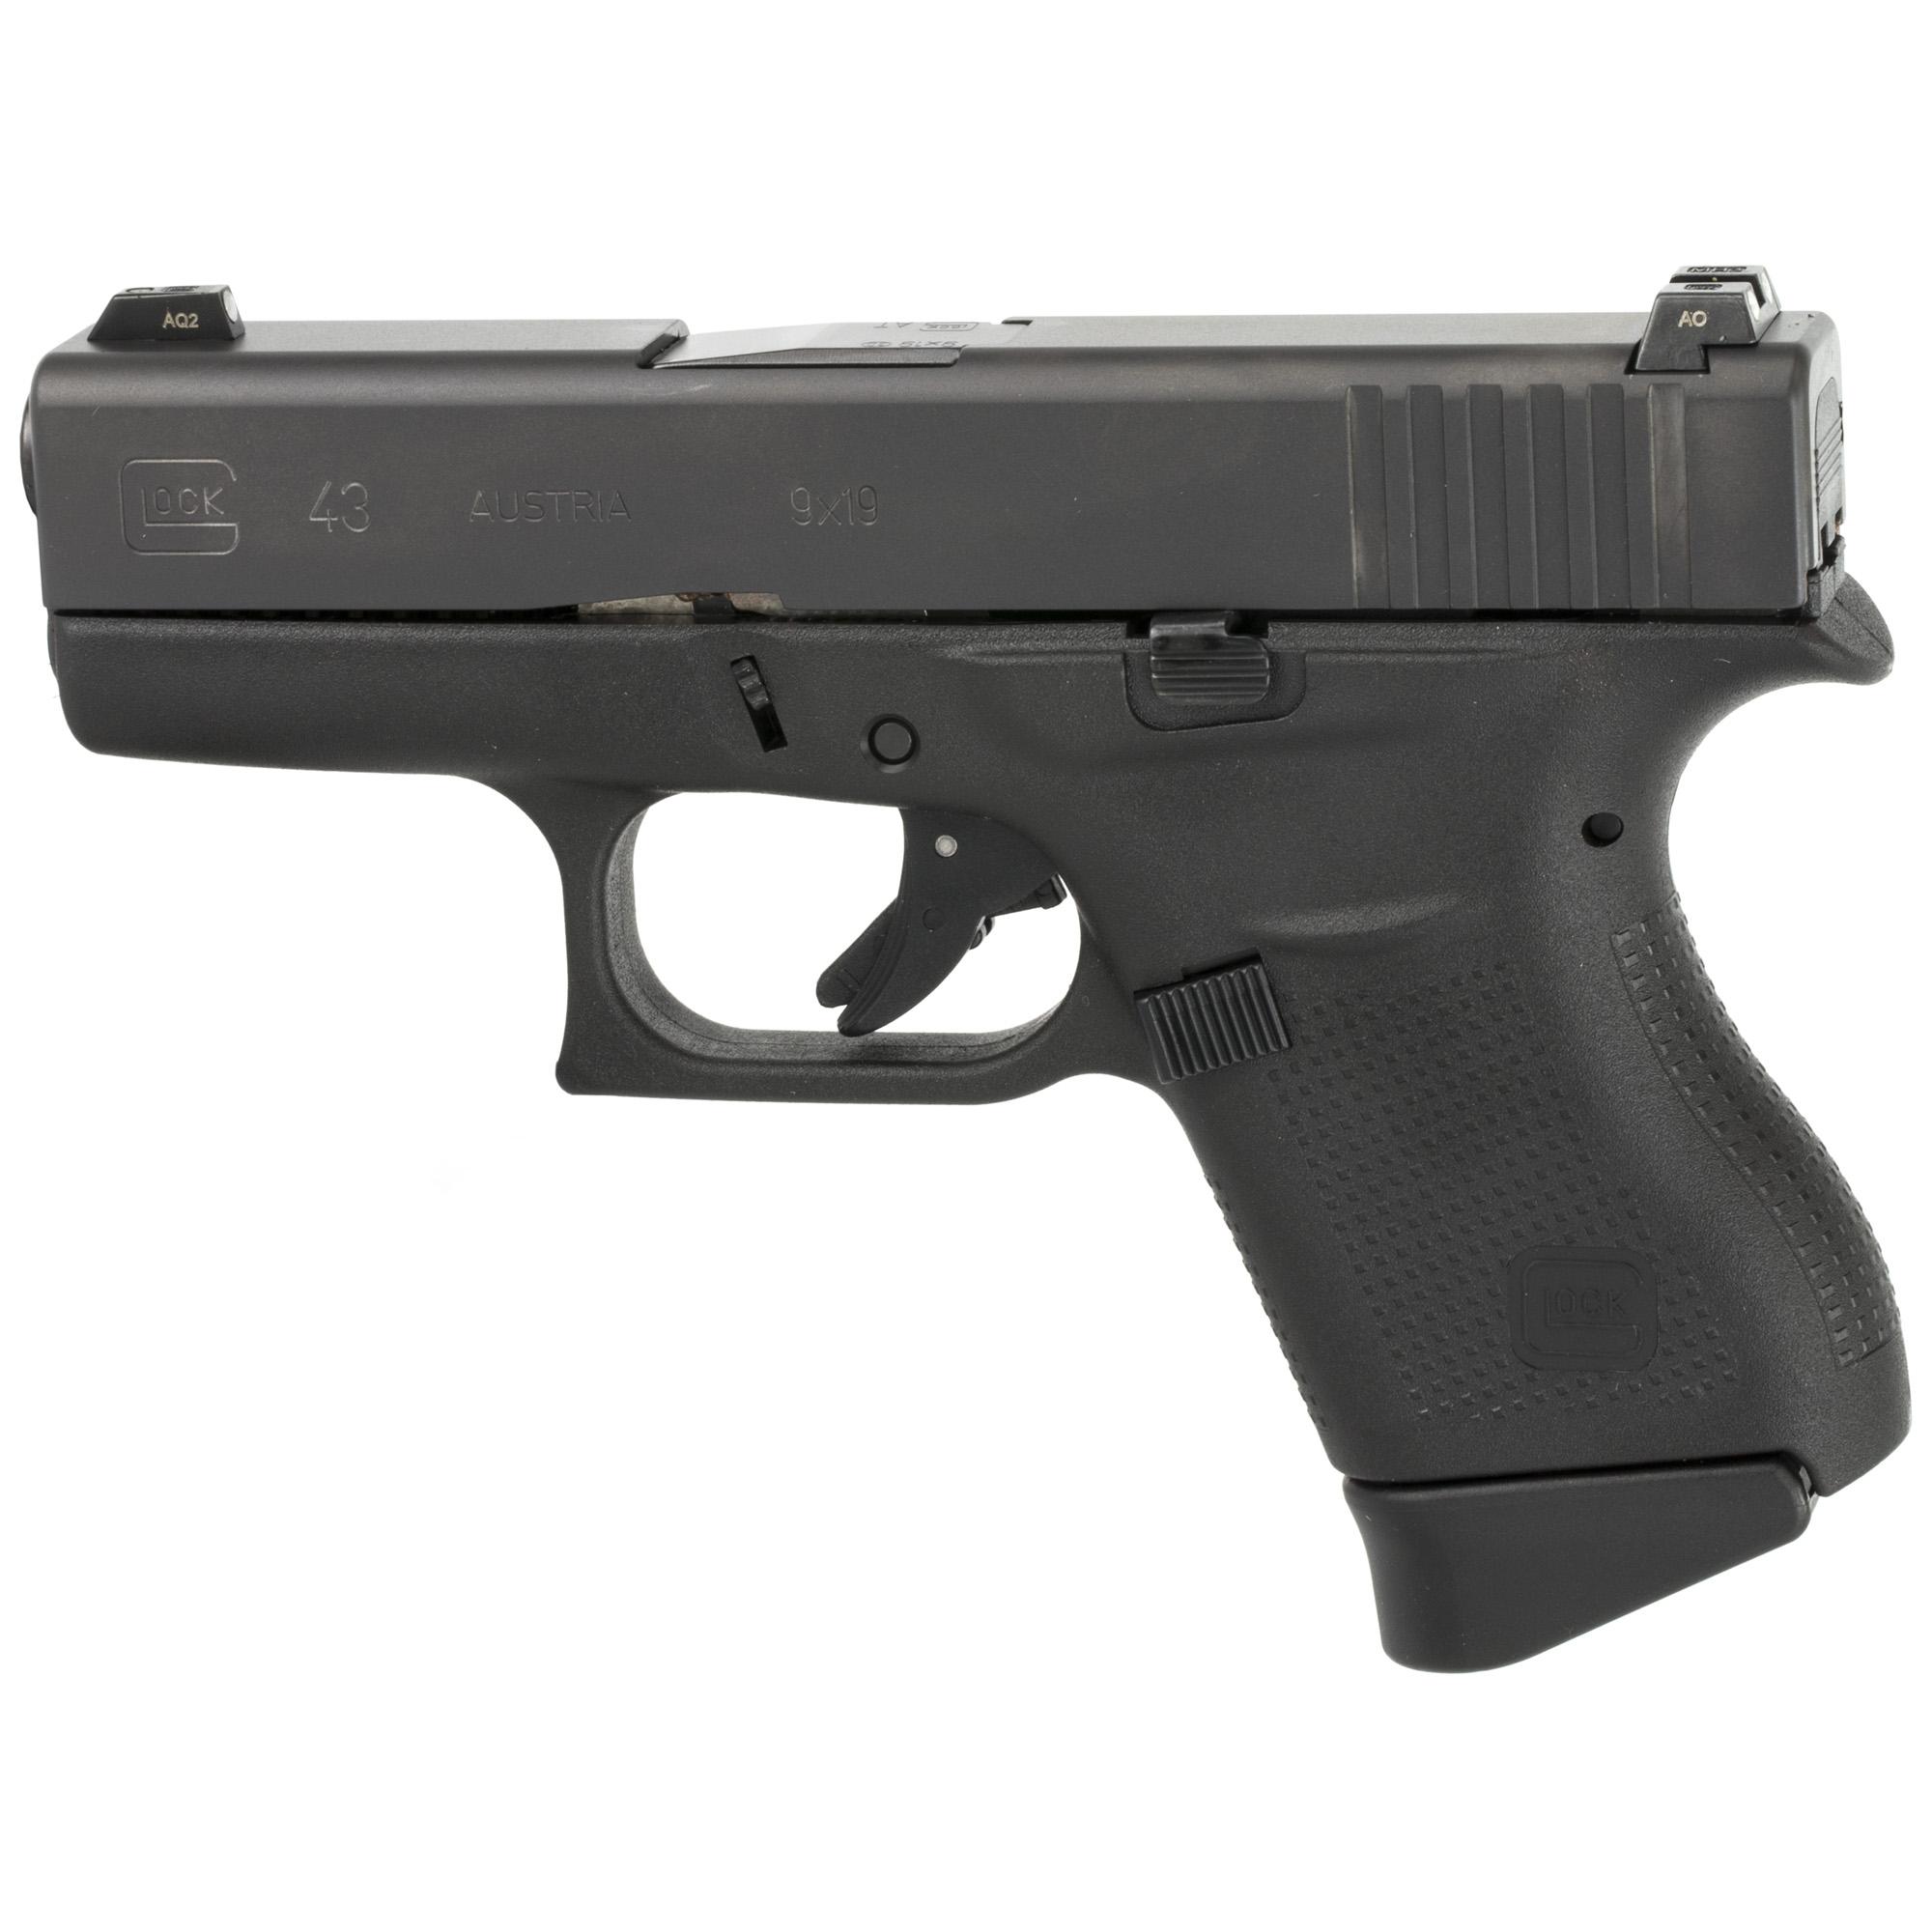 Glock's -